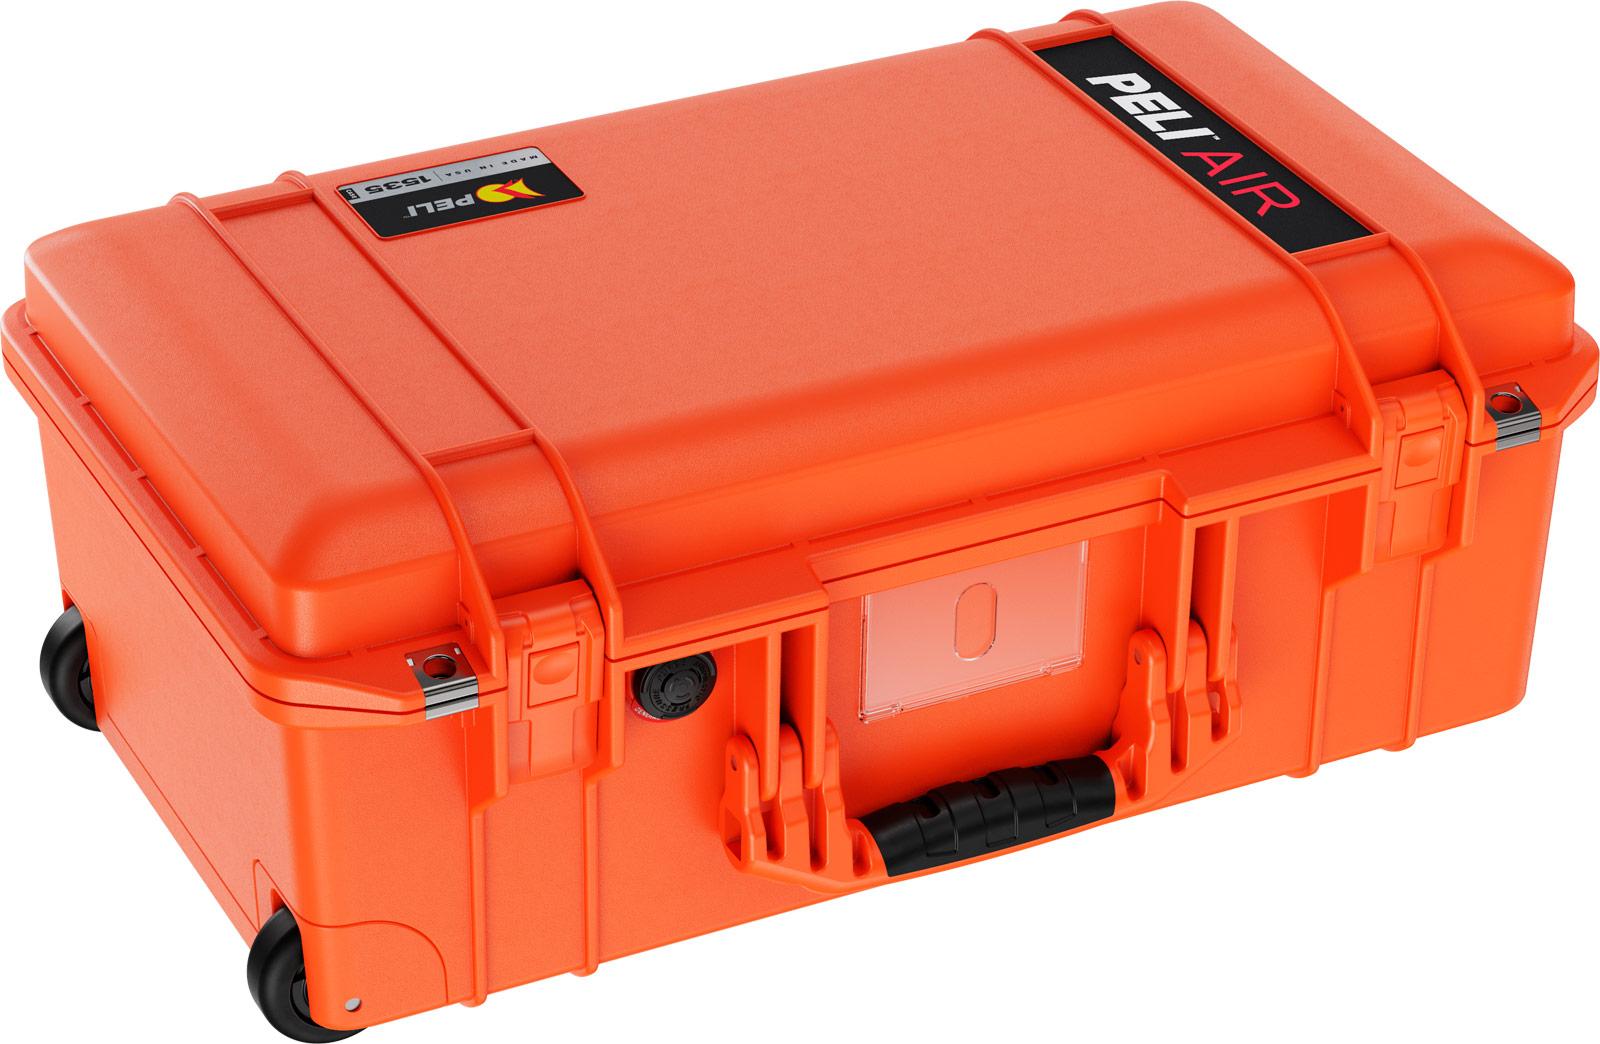 Peli Air™ 1535 - 558x355x228 - Flugschutzkoffer - Orange